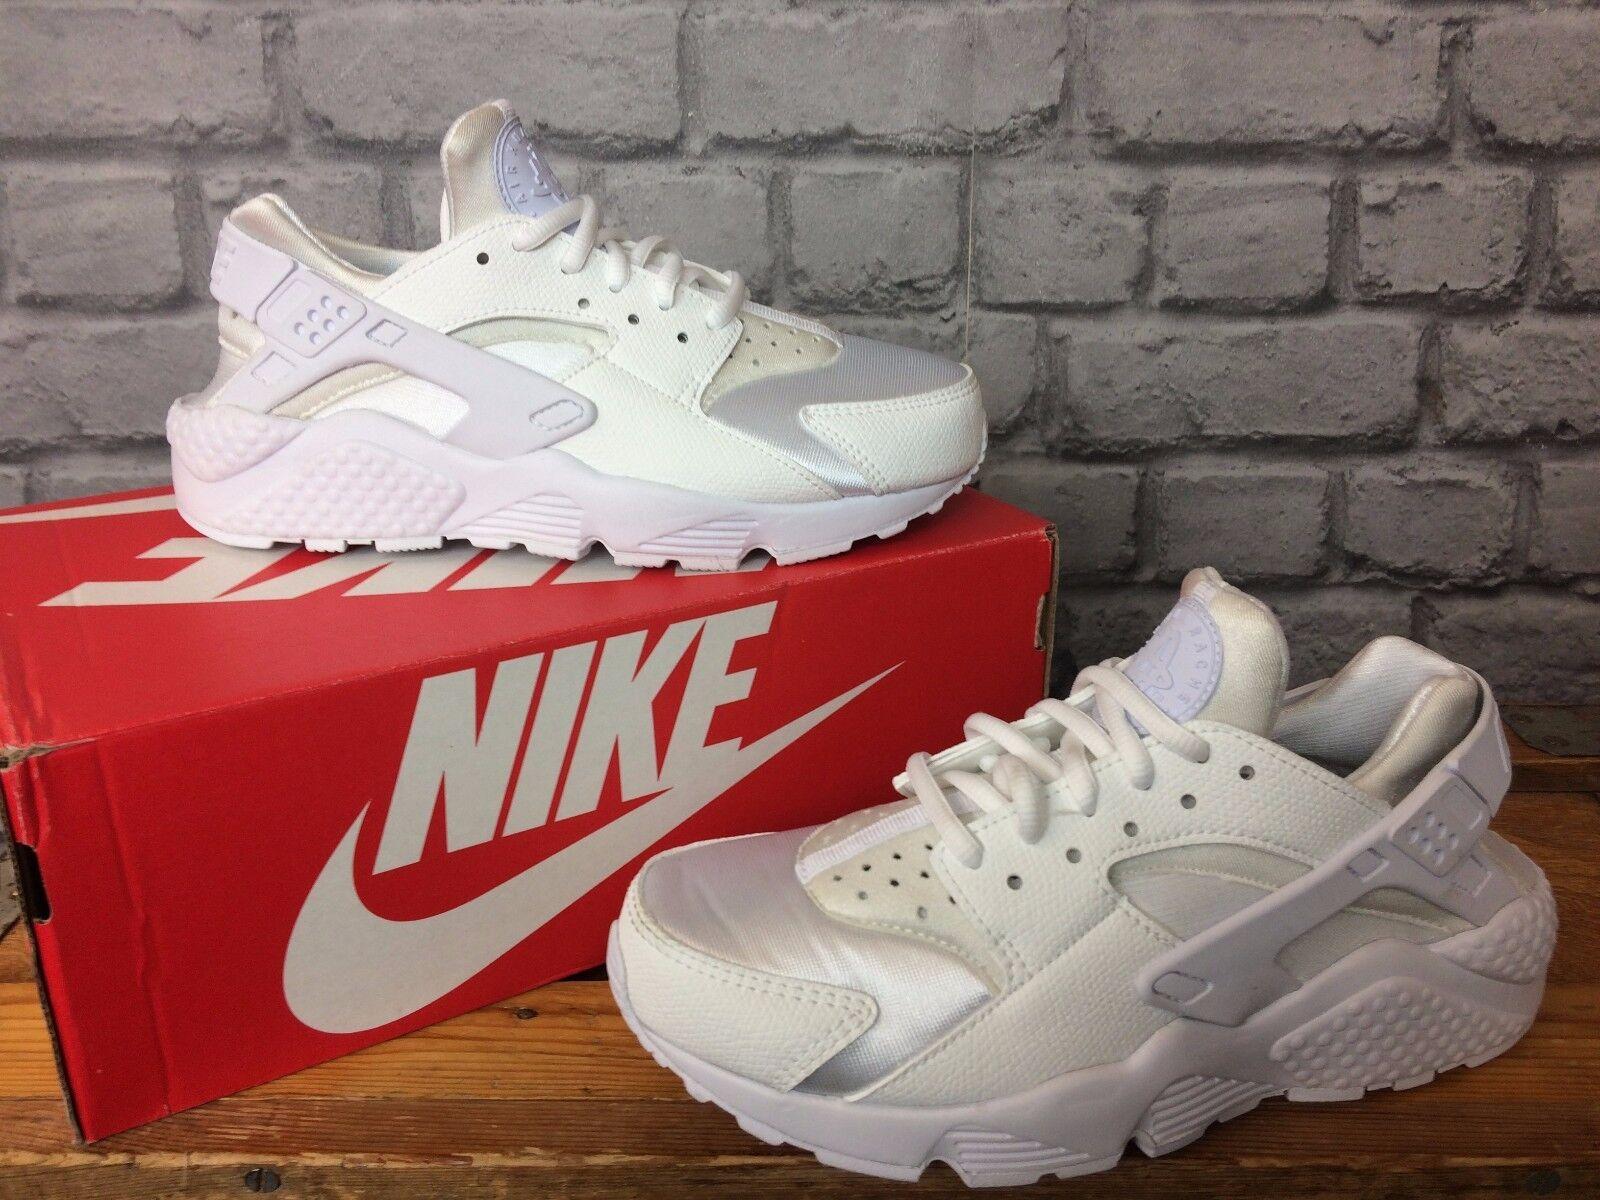 differently fbff6 09775 Détails sur Nike Femmes UK 3,4,5,6,7 White Huarache Trainers Silver Toe Box  Running- afficher le titre d origine